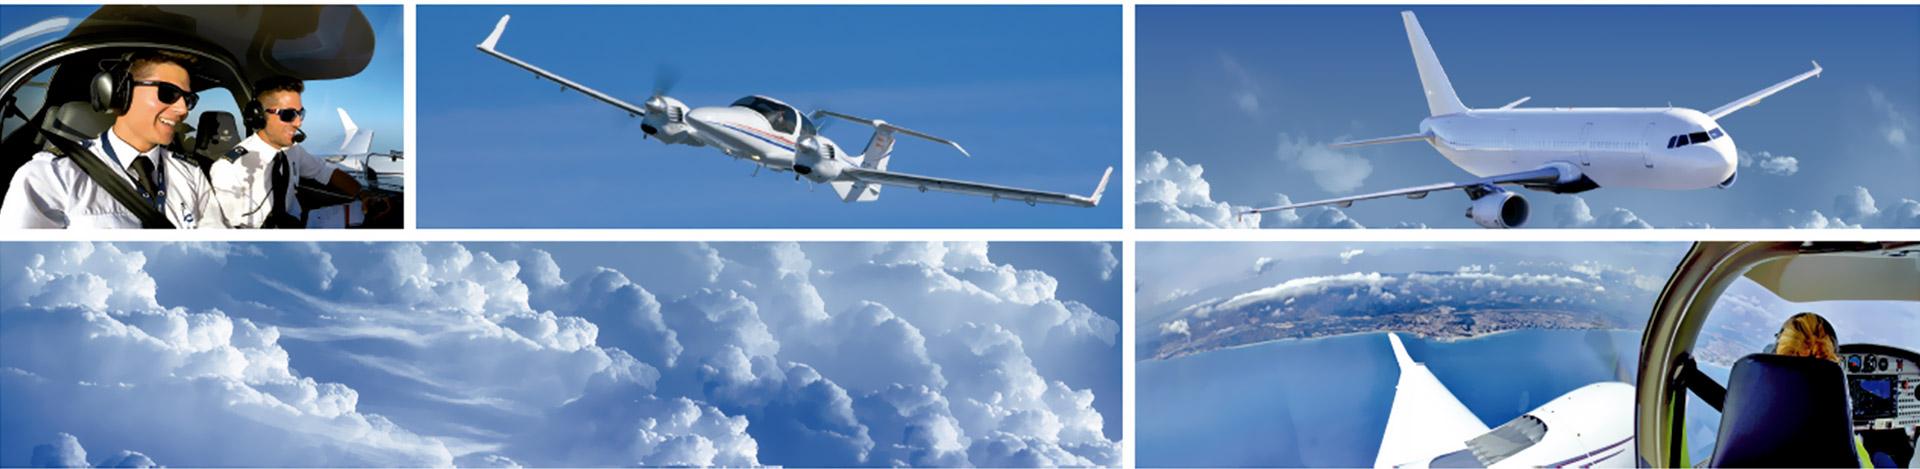 ¿Tienes las 6 habilidades necesarias para ser un piloto de avión moderno?